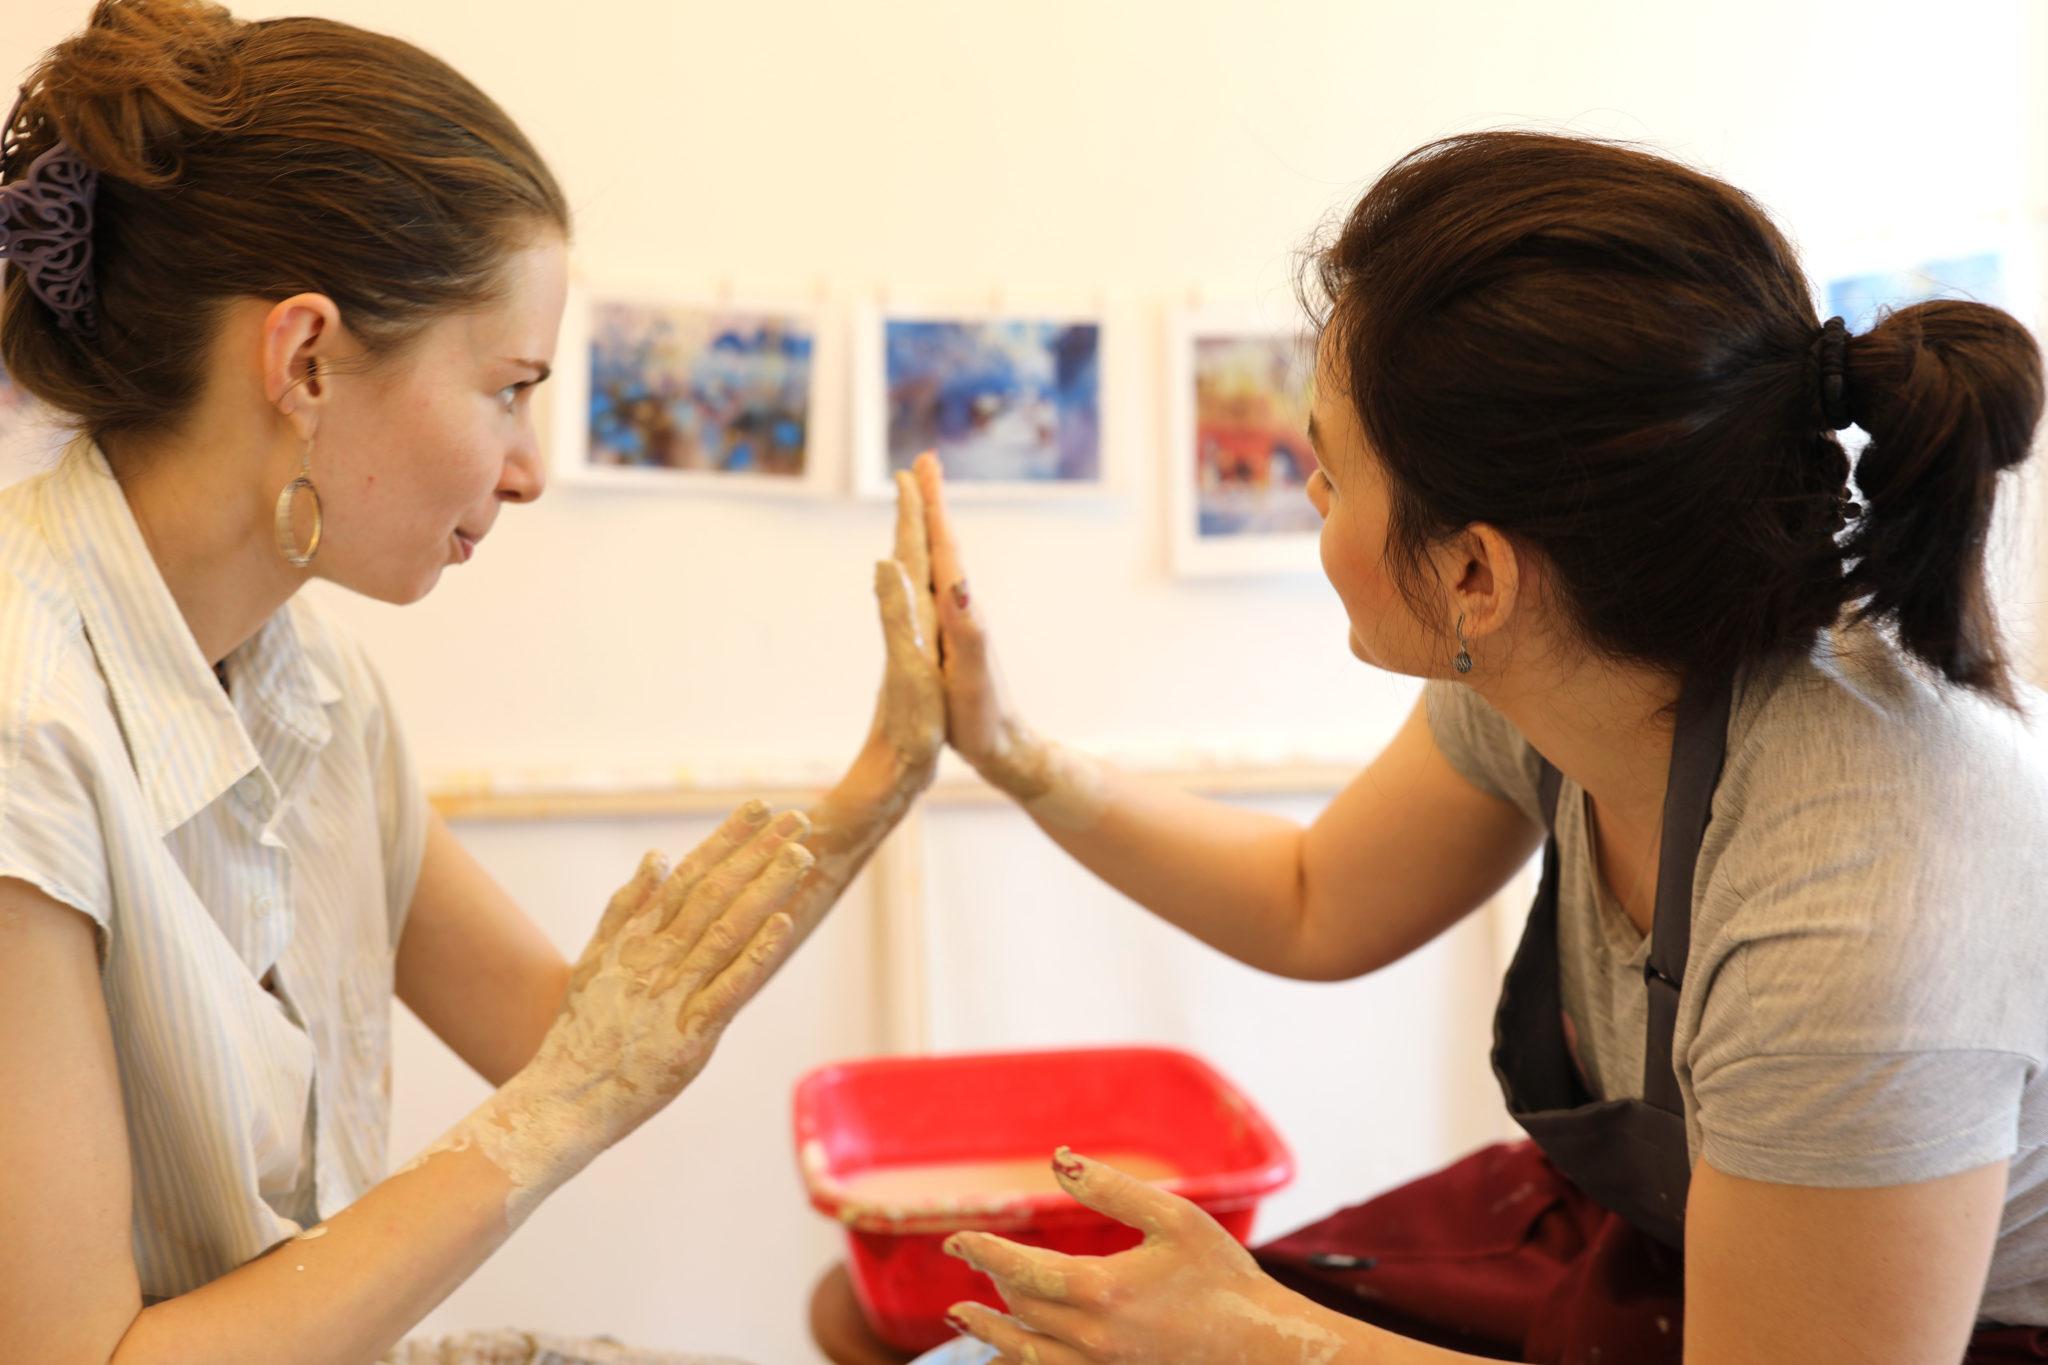 Індивідуальний майстер-клас з гончарного мистецтва - фото